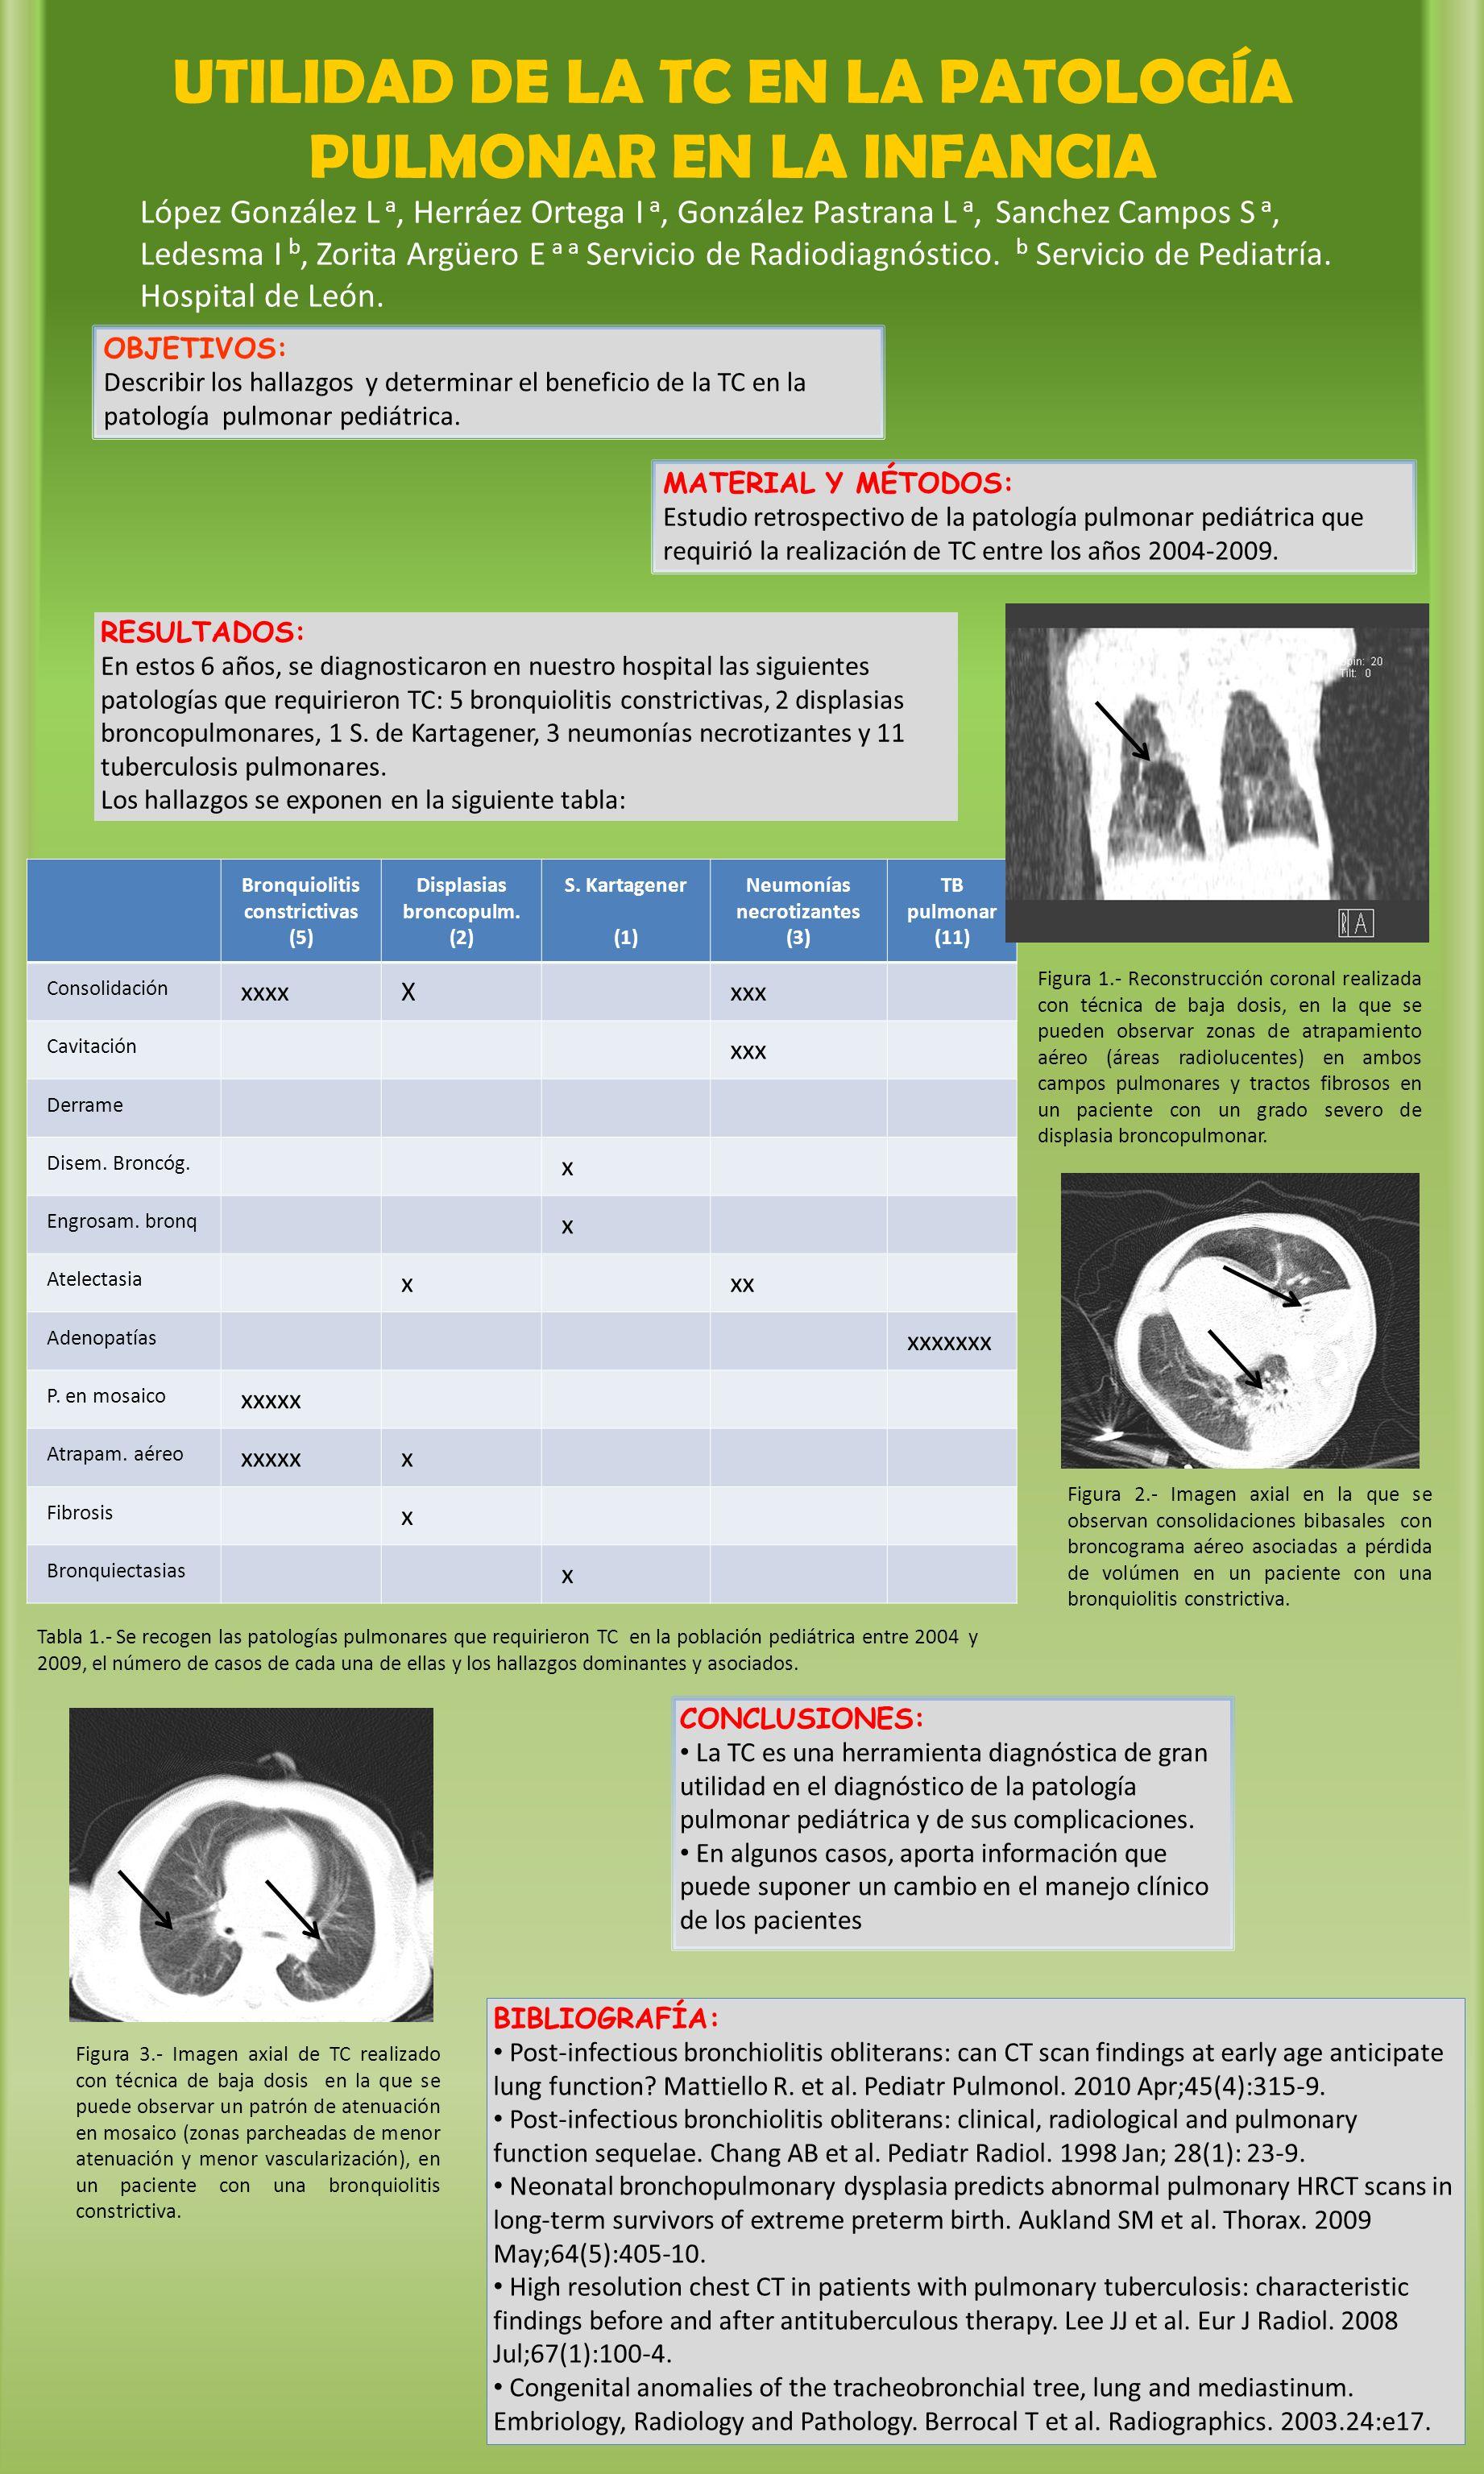 Bronquiolitis constrictivas (5) Displasias broncopulm.